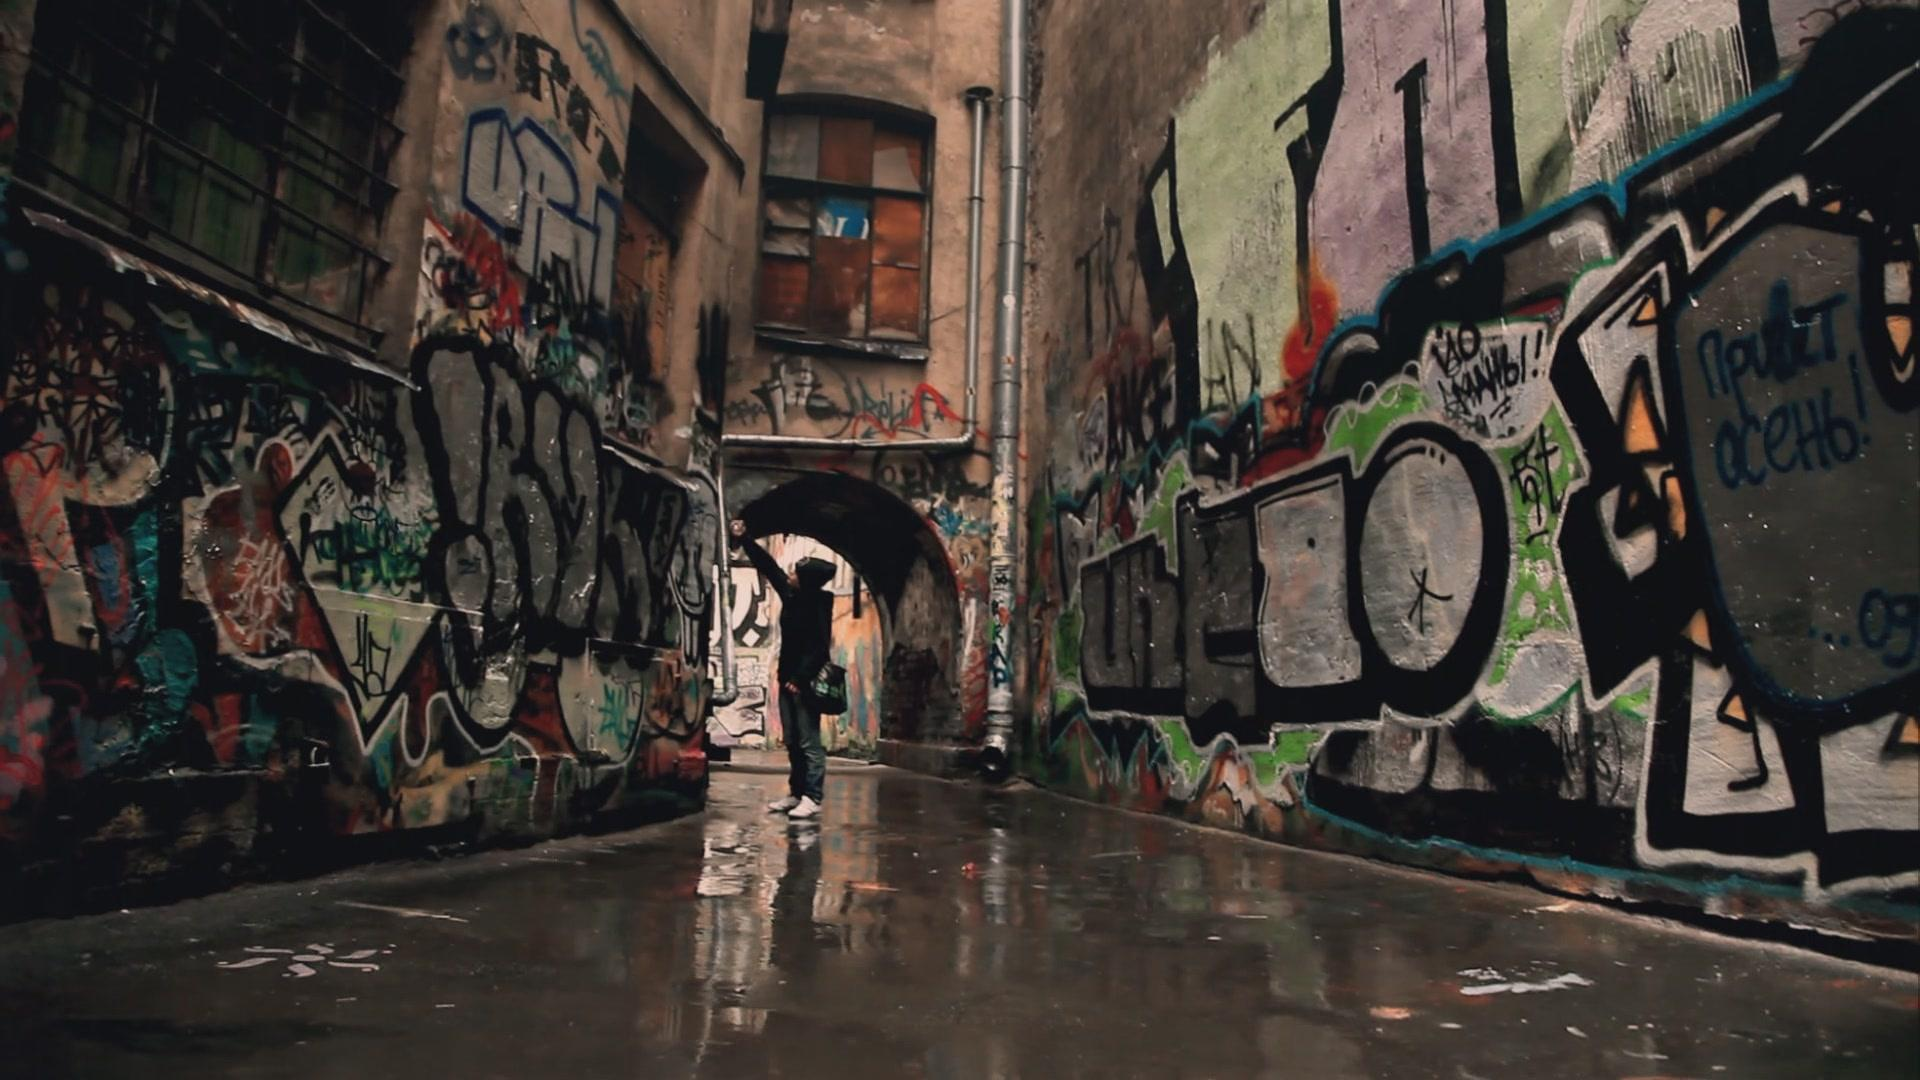 1920x1080 nghệ thuật thành thị graffiti sơn vẽ cô gái tòa nhà miễn phí nền máy tính để bàn